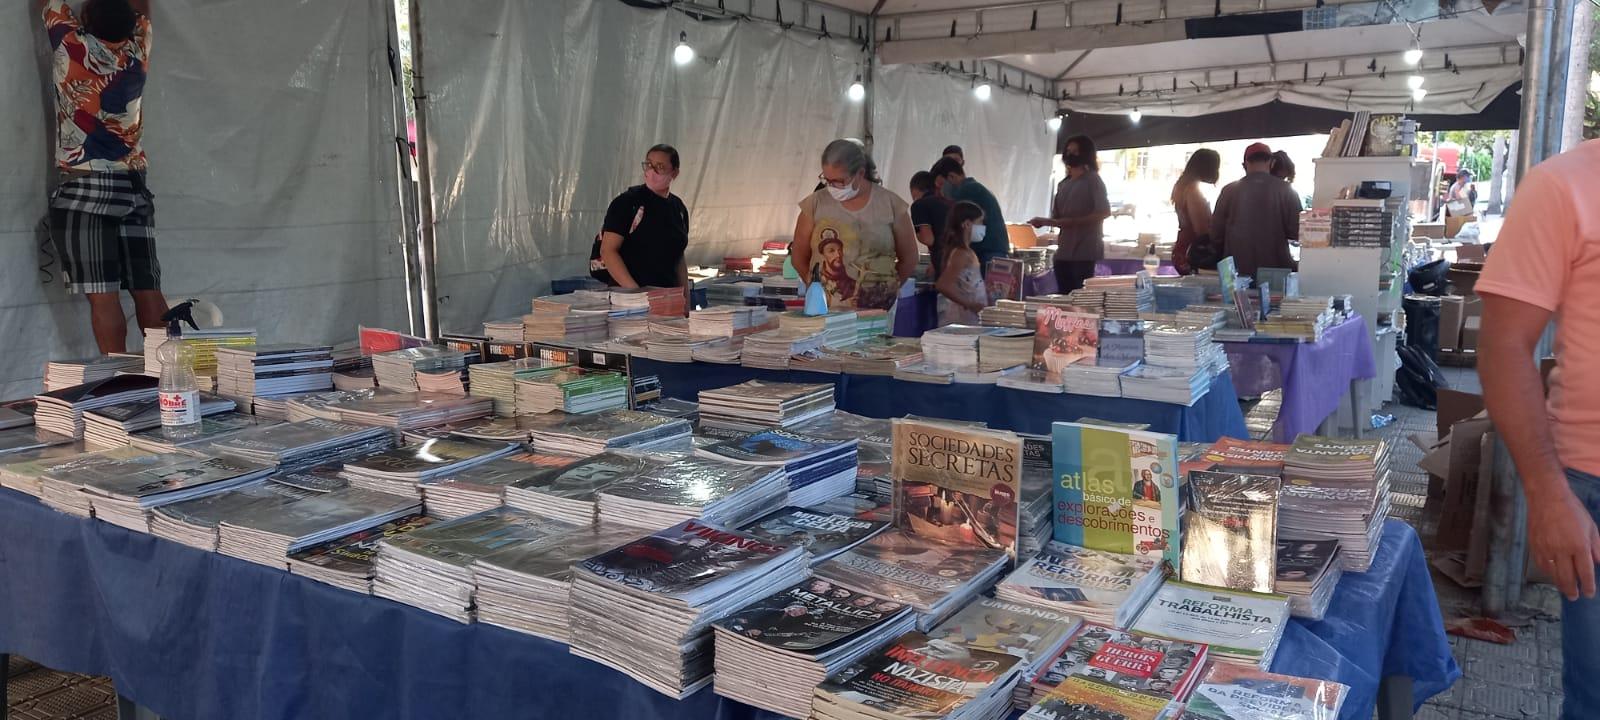 Feira Popular do Livro acontece na Praça Padre Cícero, em Juazeiro do Norte